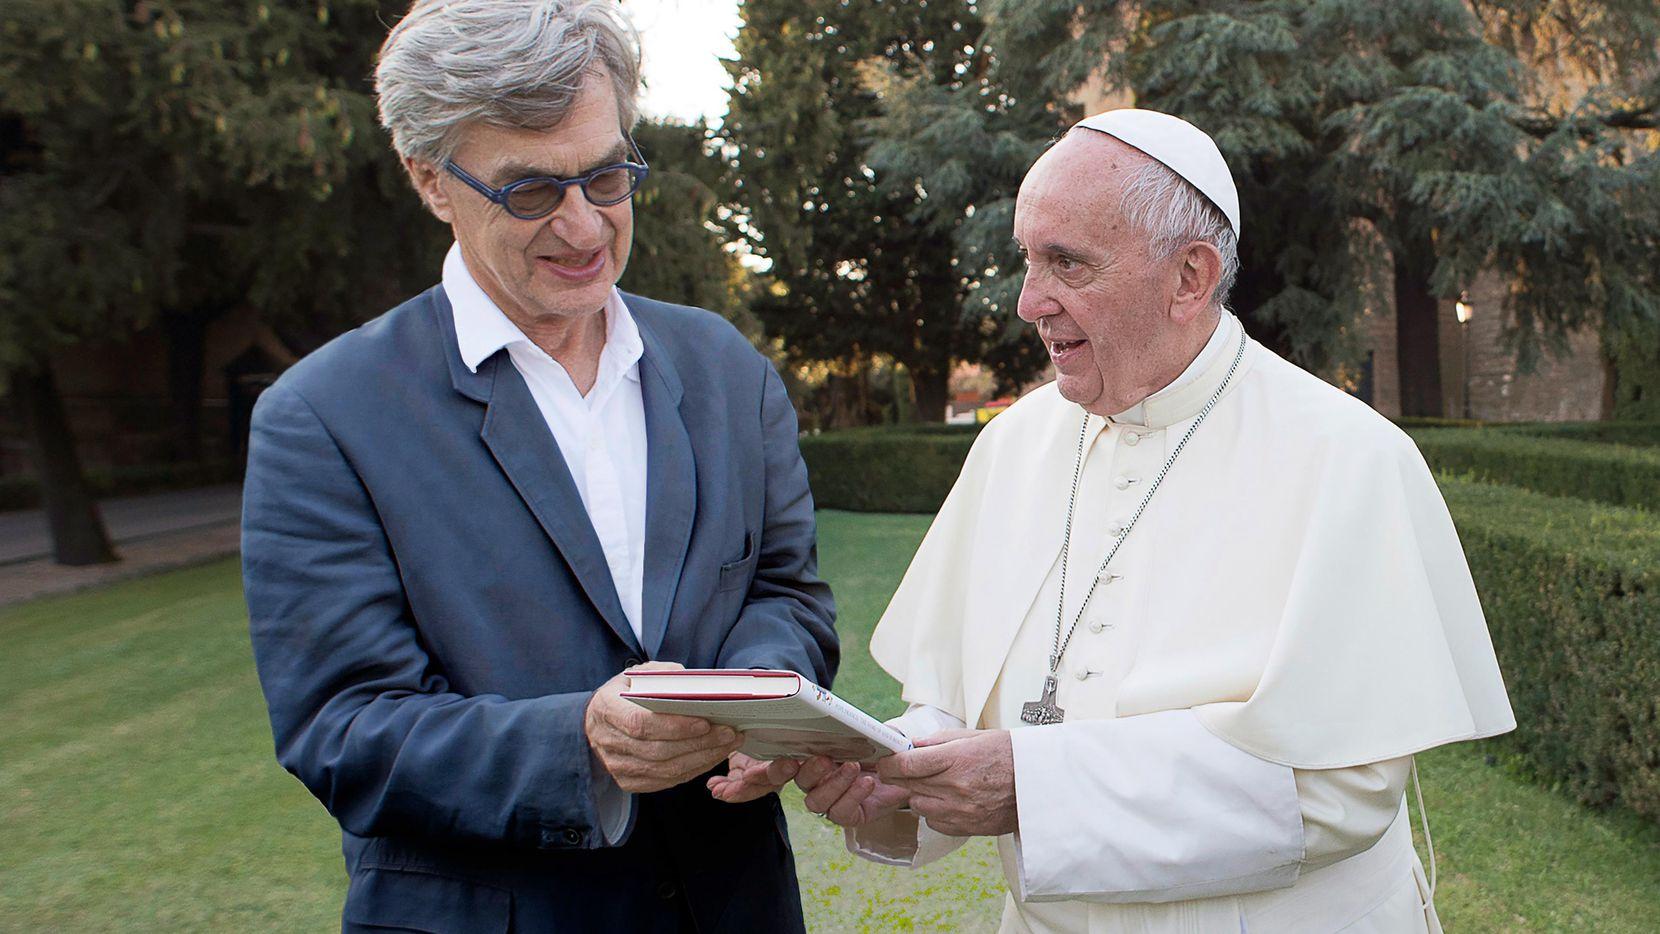 """El Papa junto al director de cine Wim Wenders, durante la filmación del documental """"Pope Francis: A Man Of His Word"""".(Focus Features)"""